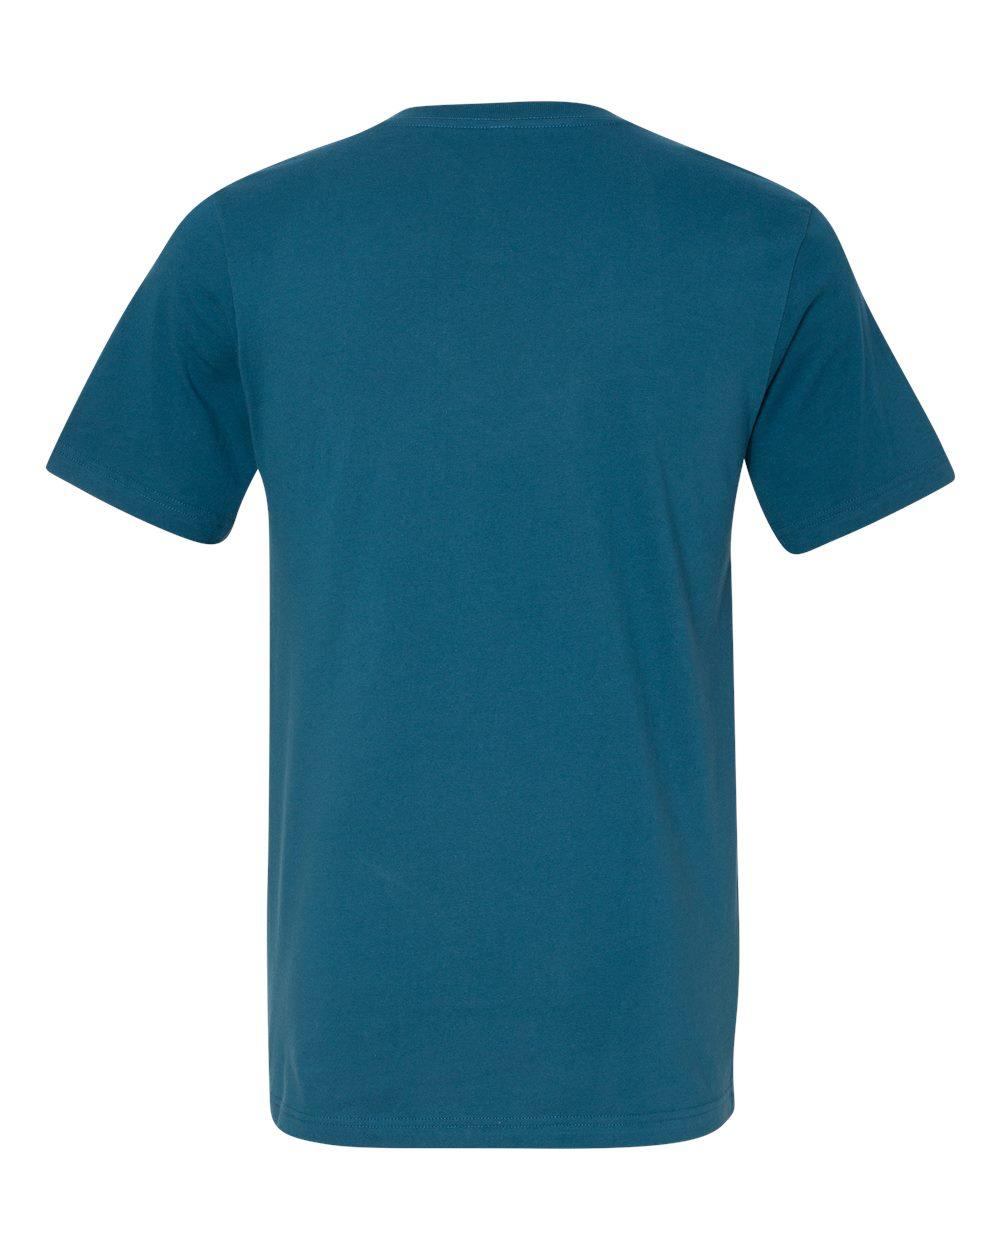 Bella-Canvas-Men-039-s-Jersey-Short-Sleeve-V-Neck-T-Shirt-3005-XS-3XL thumbnail 68